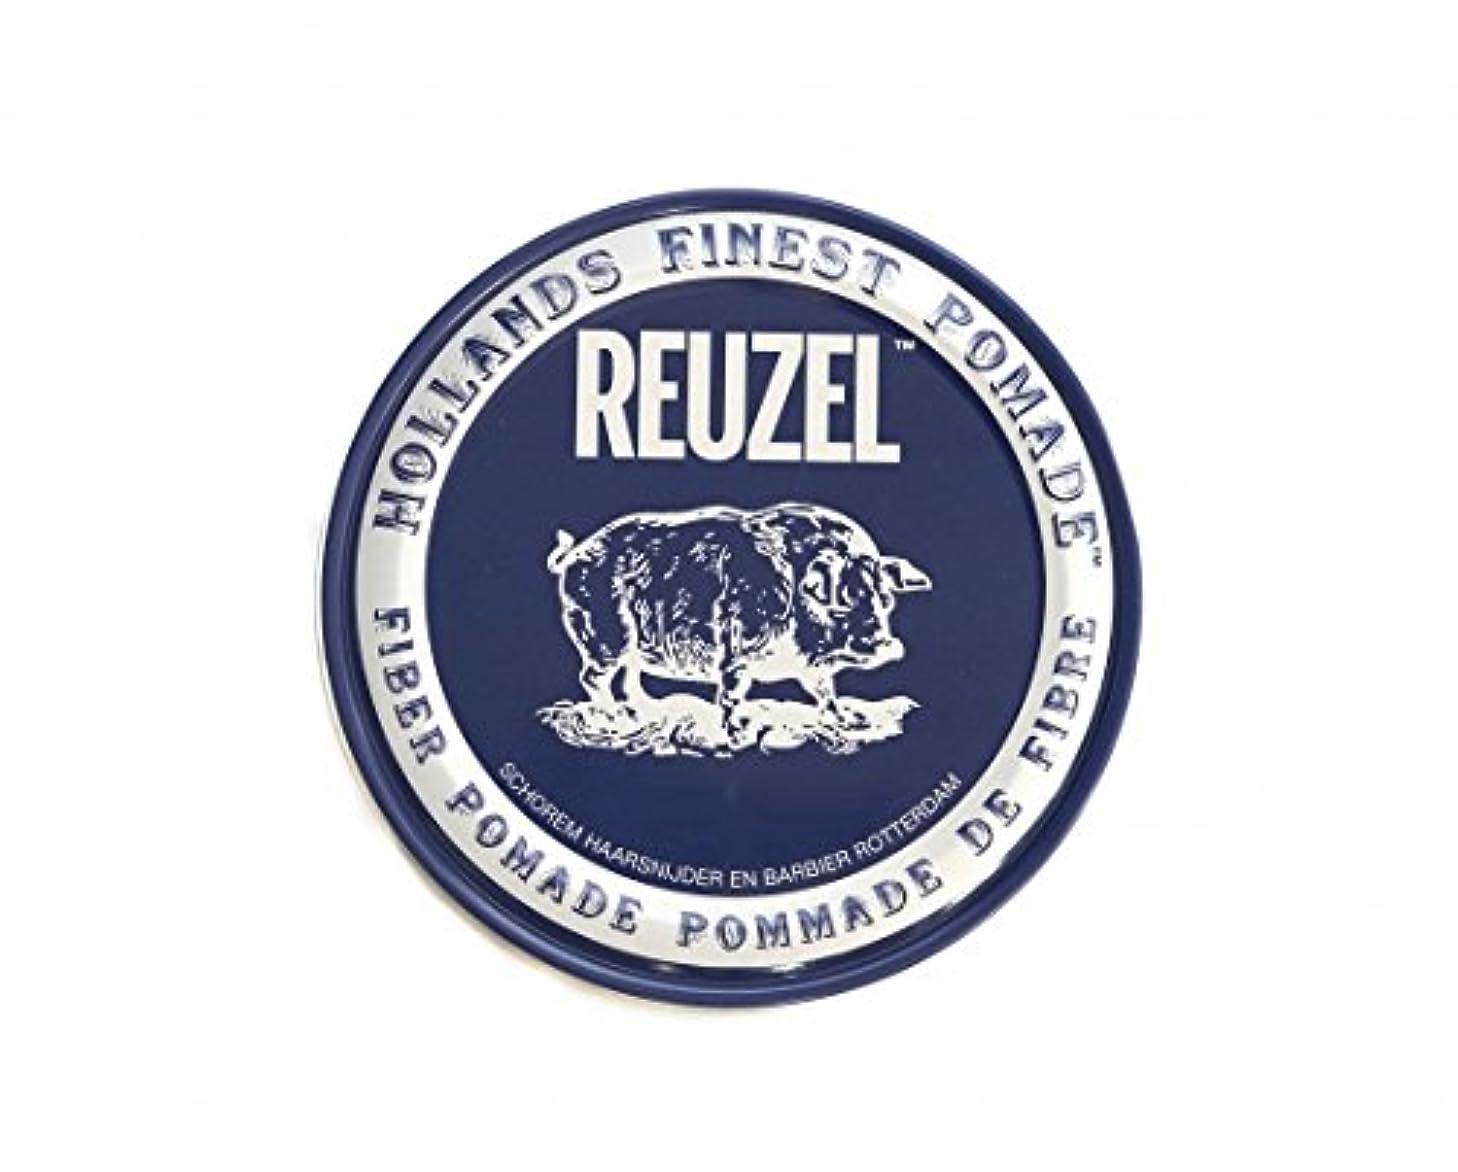 窒息させる乗って因子ルーゾー REUZEL FIBER ファイバー ポマード ネイビー 340g